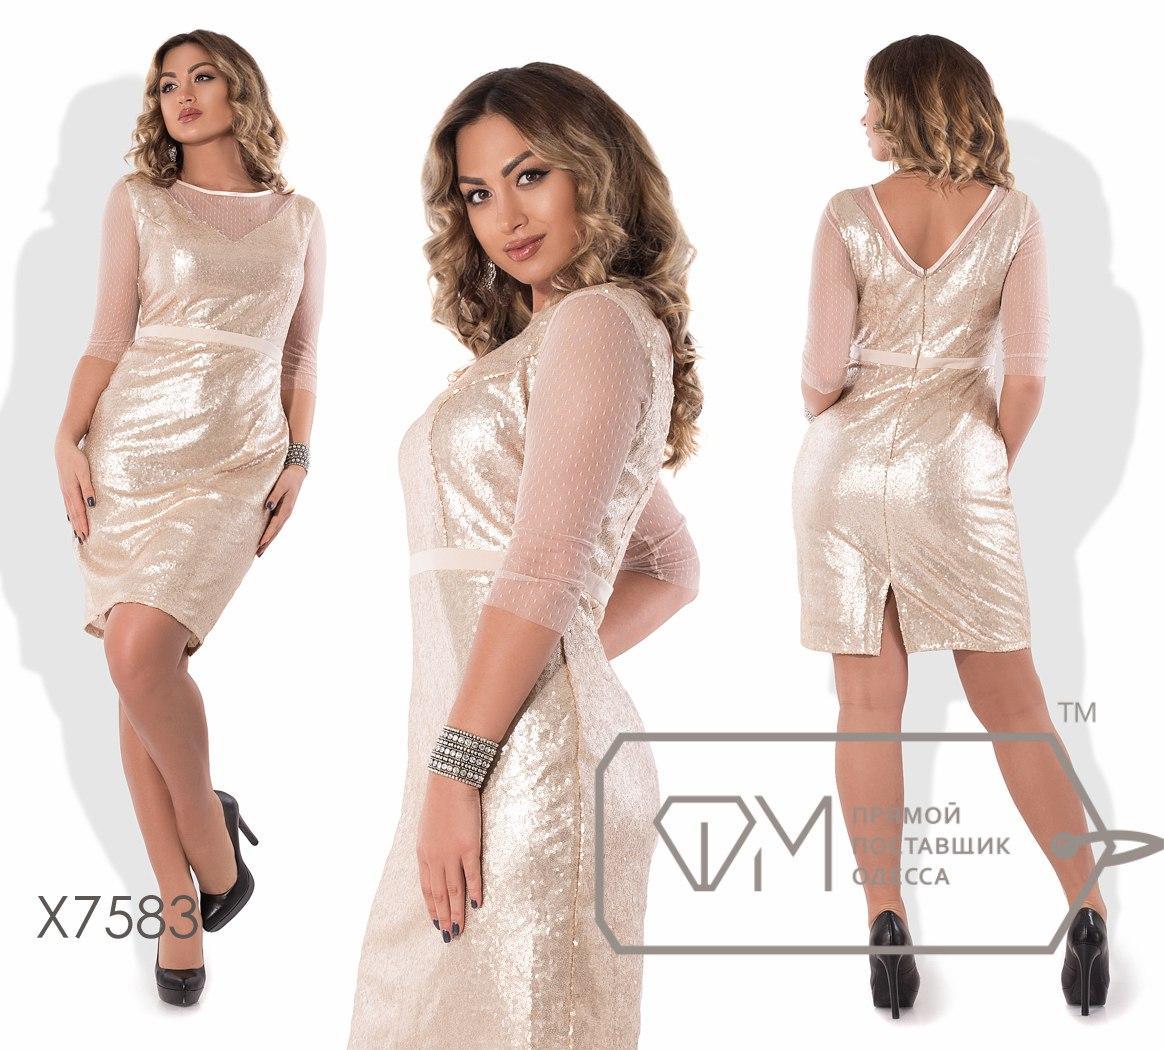 587a2627d2d Платье с пайетками больших размеров (3 цвета) - Леди Плюс в Одессе